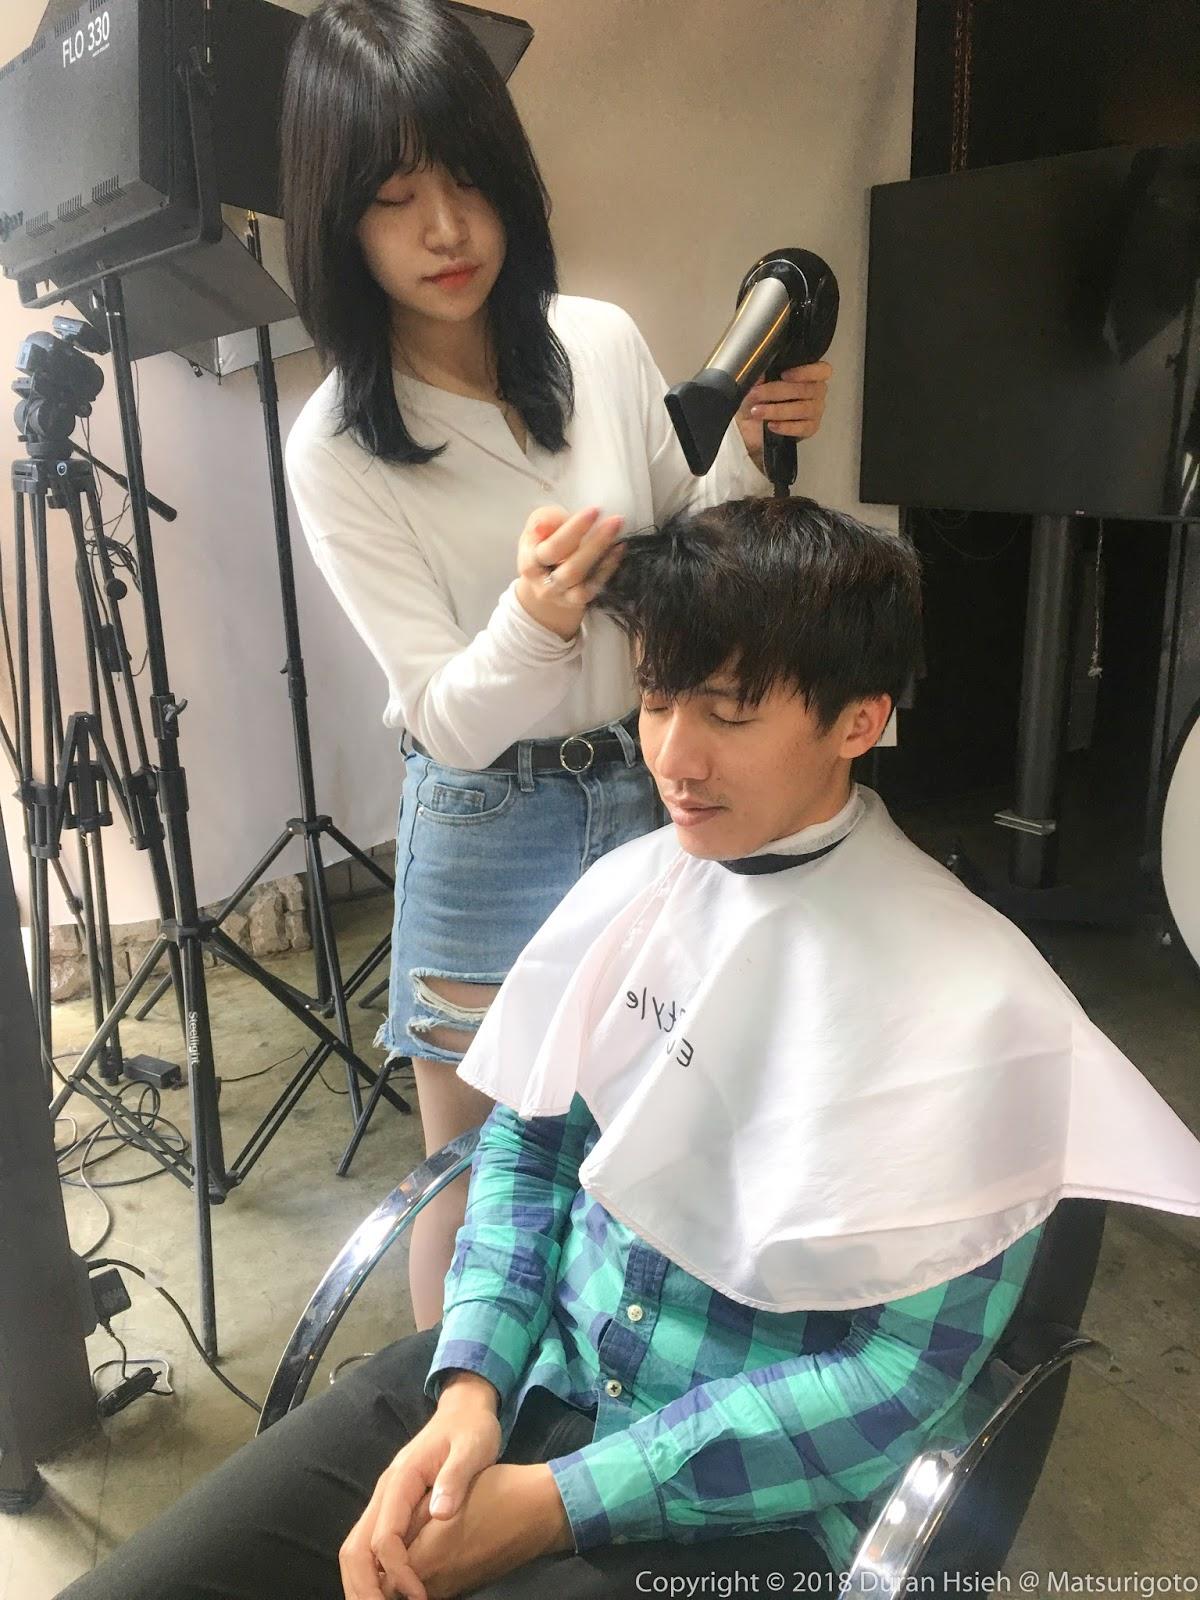 [韓國][首爾] 男生剪髮經驗分享